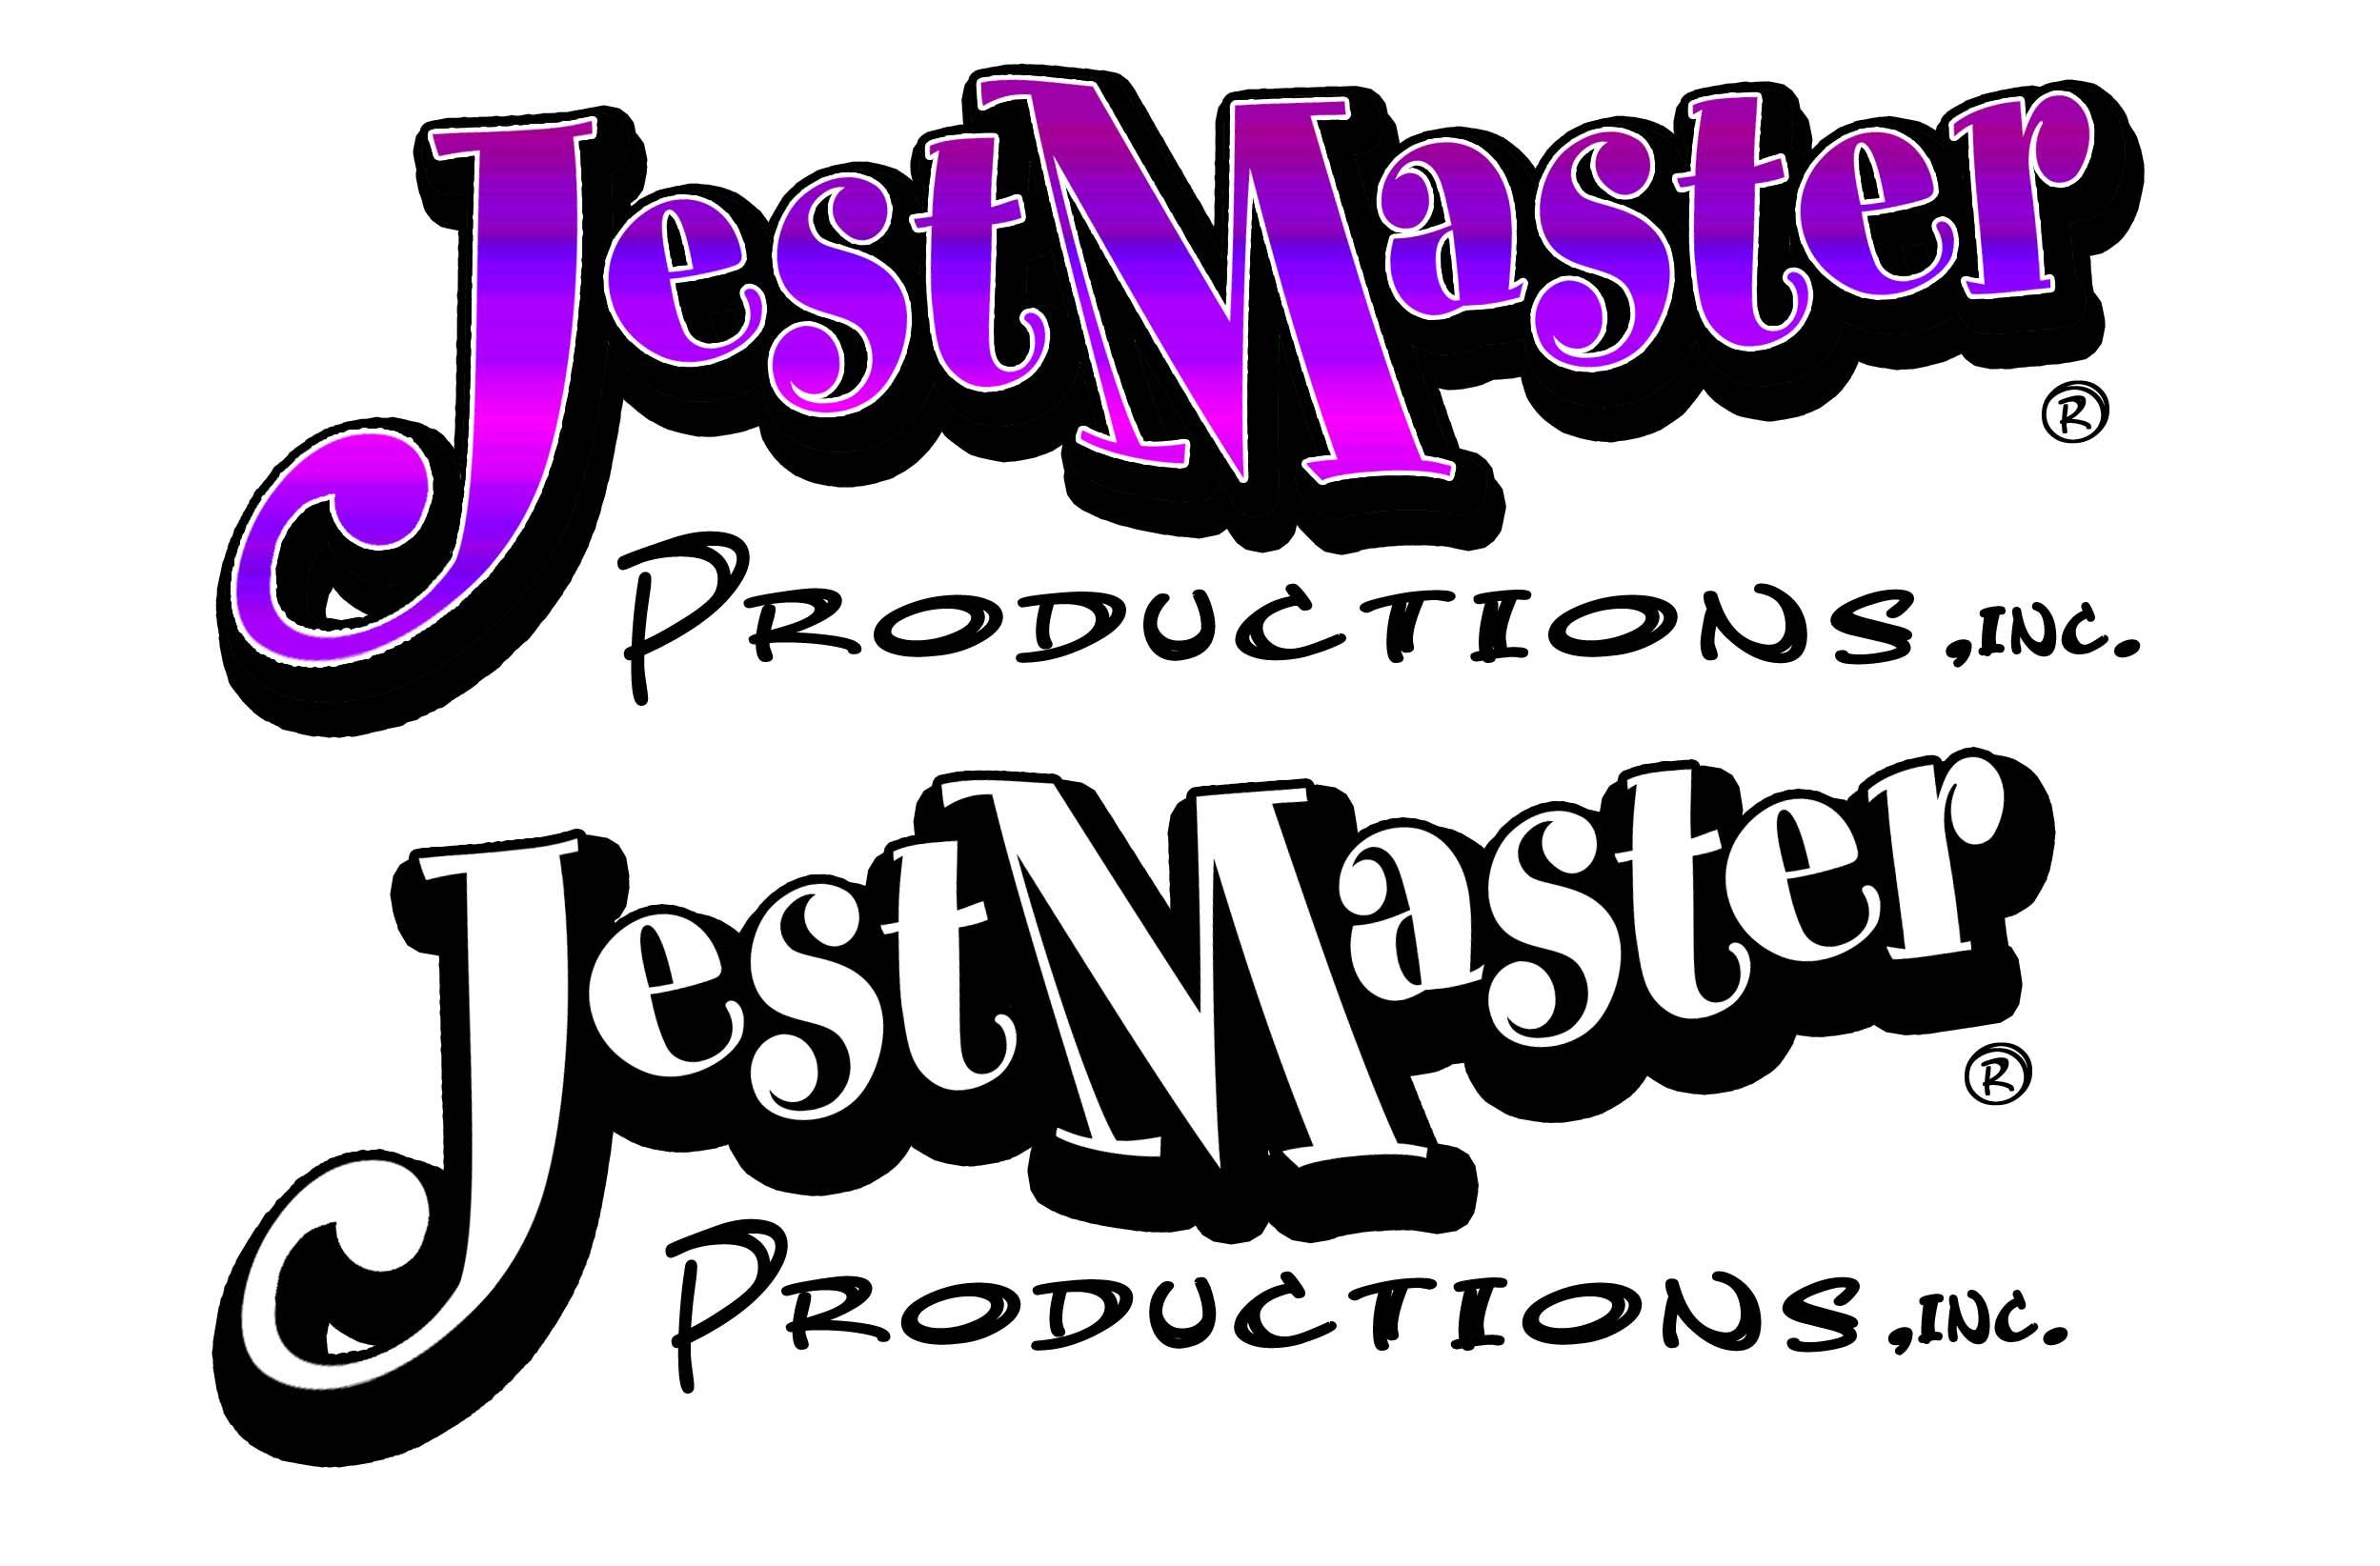 Jestmaster LOGO MASTER 2010.jpg